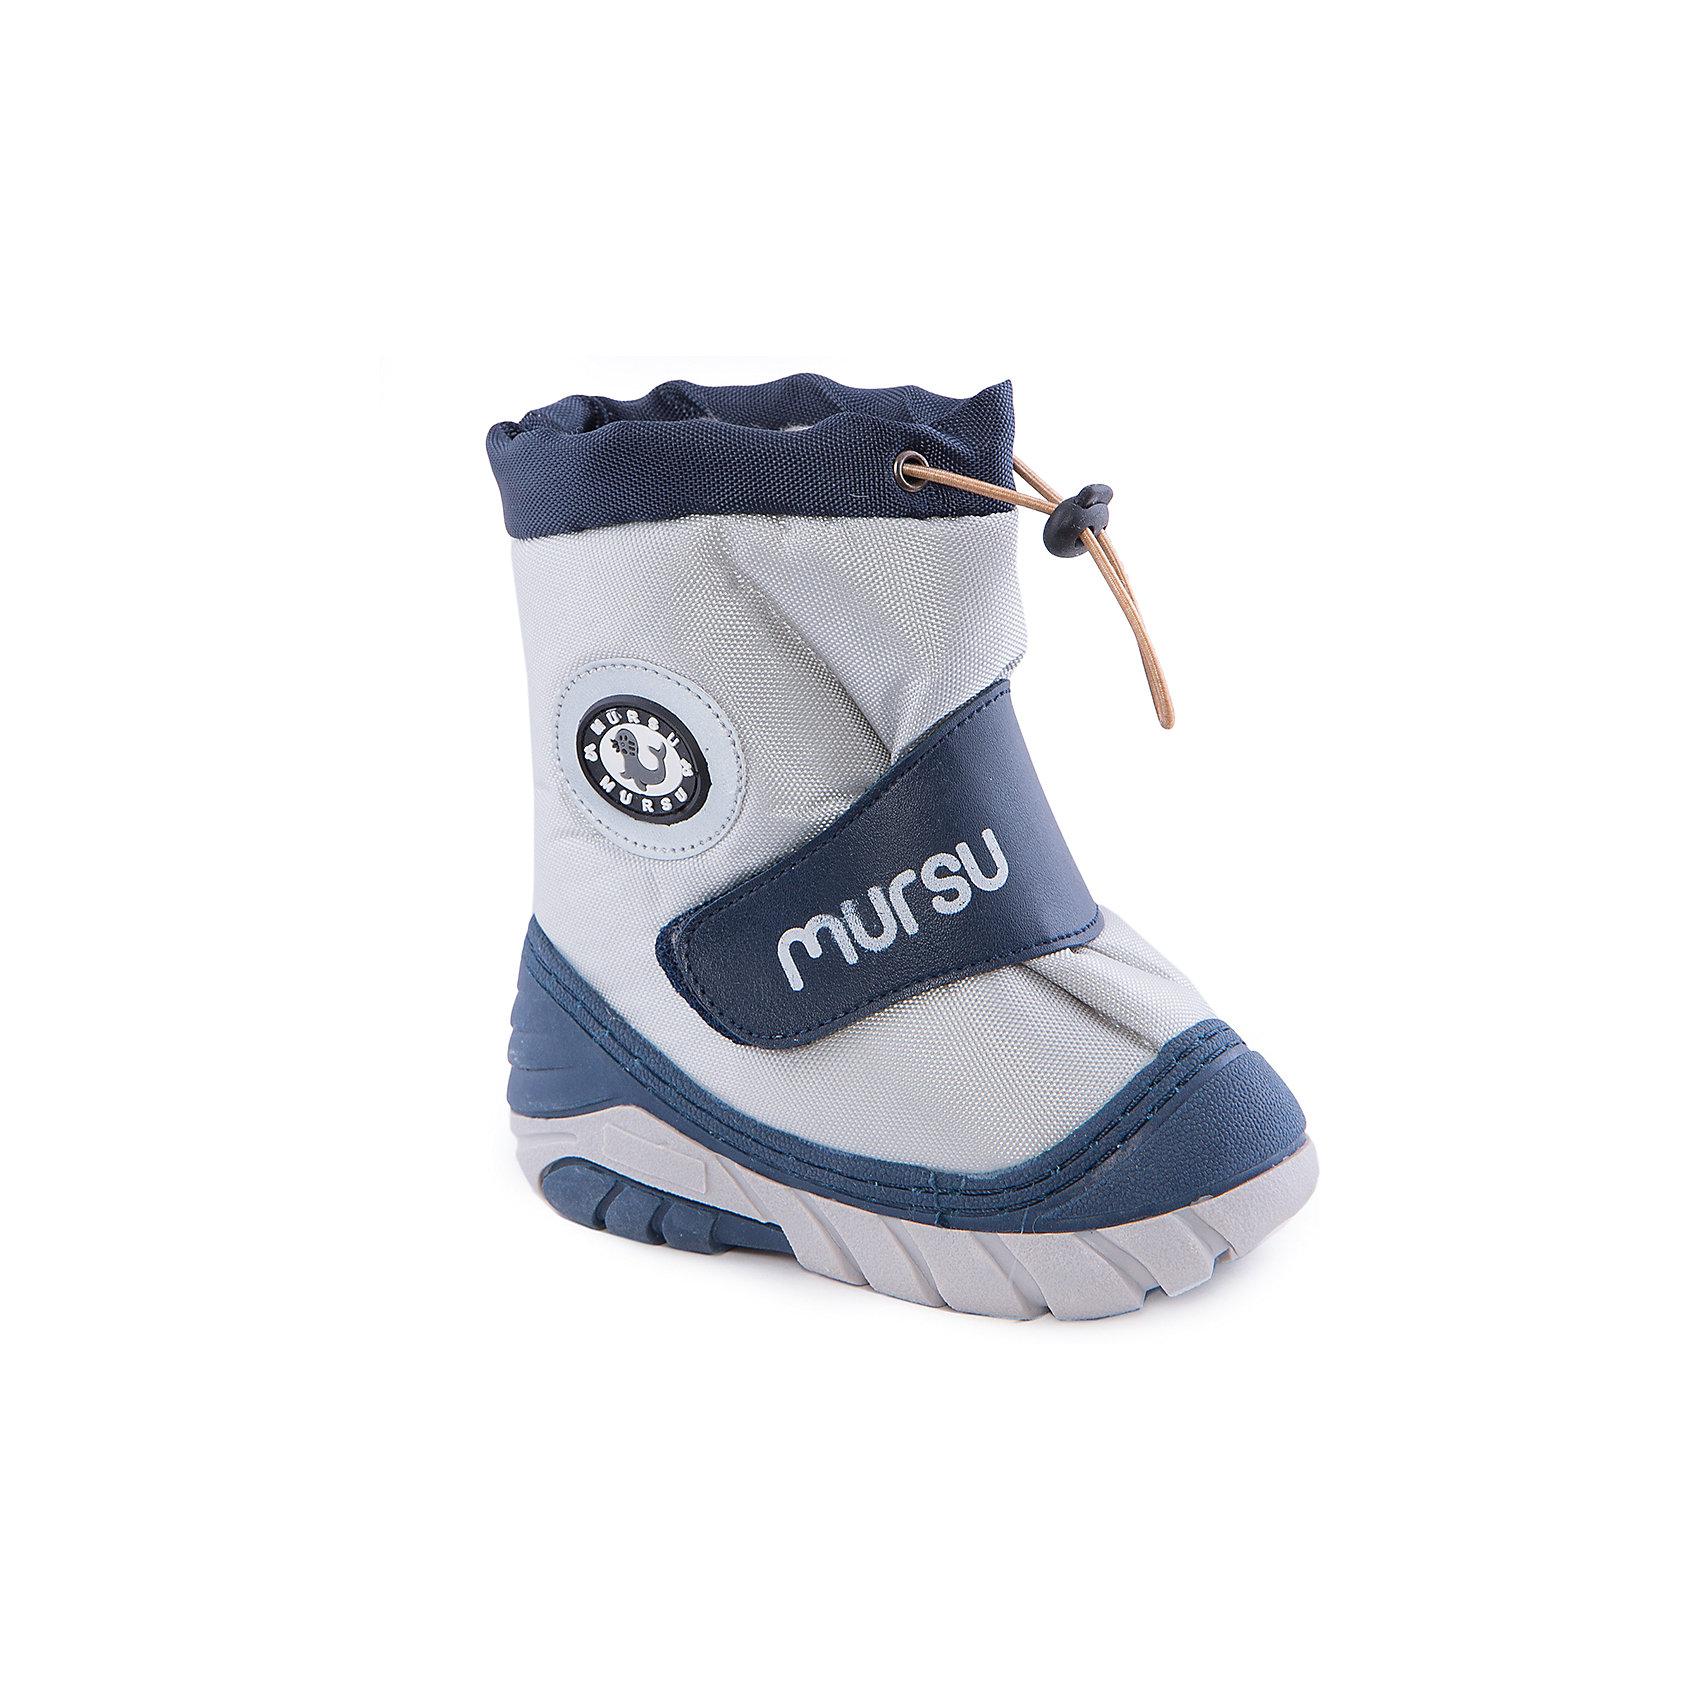 Сапоги для мальчика MURSUСапоги для мальчика от известного финского бренда MURSU - прекрасный вариант на холодную погоду. Модель на рифленой подошве дополнена застежкой-липучкой, декорирована аппликацией. Мягкое голенище затягивается на шнурок с пластиковым стопором. Сапоги выполнены из высококачественных материалов, отлично защищают ноги ребенка от холода и влаги. Идеальный вариант для наших погодных условий. <br><br>Дополнительная информация:<br><br>- Сезон: осень/зима.<br>- Температурный режим: от -5? до -20?<br>- Тип застежки: липучка, шнурок.<br>- Рифленая подошва. <br>- Декоративные элементы: аппликация. <br><br>Состав:<br><br>- Материал верха: текстиль / PU.<br>- Материал подкладки: натуральная шерсть.<br>- Материал подошвы: TPR.<br>- Материал стельки: натуральная шерсть.<br><br>Сапоги для мальчика, MURSU (Мурсу), можно купить в нашем магазине.<br><br>Ширина мм: 257<br>Глубина мм: 180<br>Высота мм: 130<br>Вес г: 420<br>Цвет: сине-серый<br>Возраст от месяцев: 6<br>Возраст до месяцев: 12<br>Пол: Мужской<br>Возраст: Детский<br>Размер: 19/20,25/26,23/24,21/22<br>SKU: 4202364